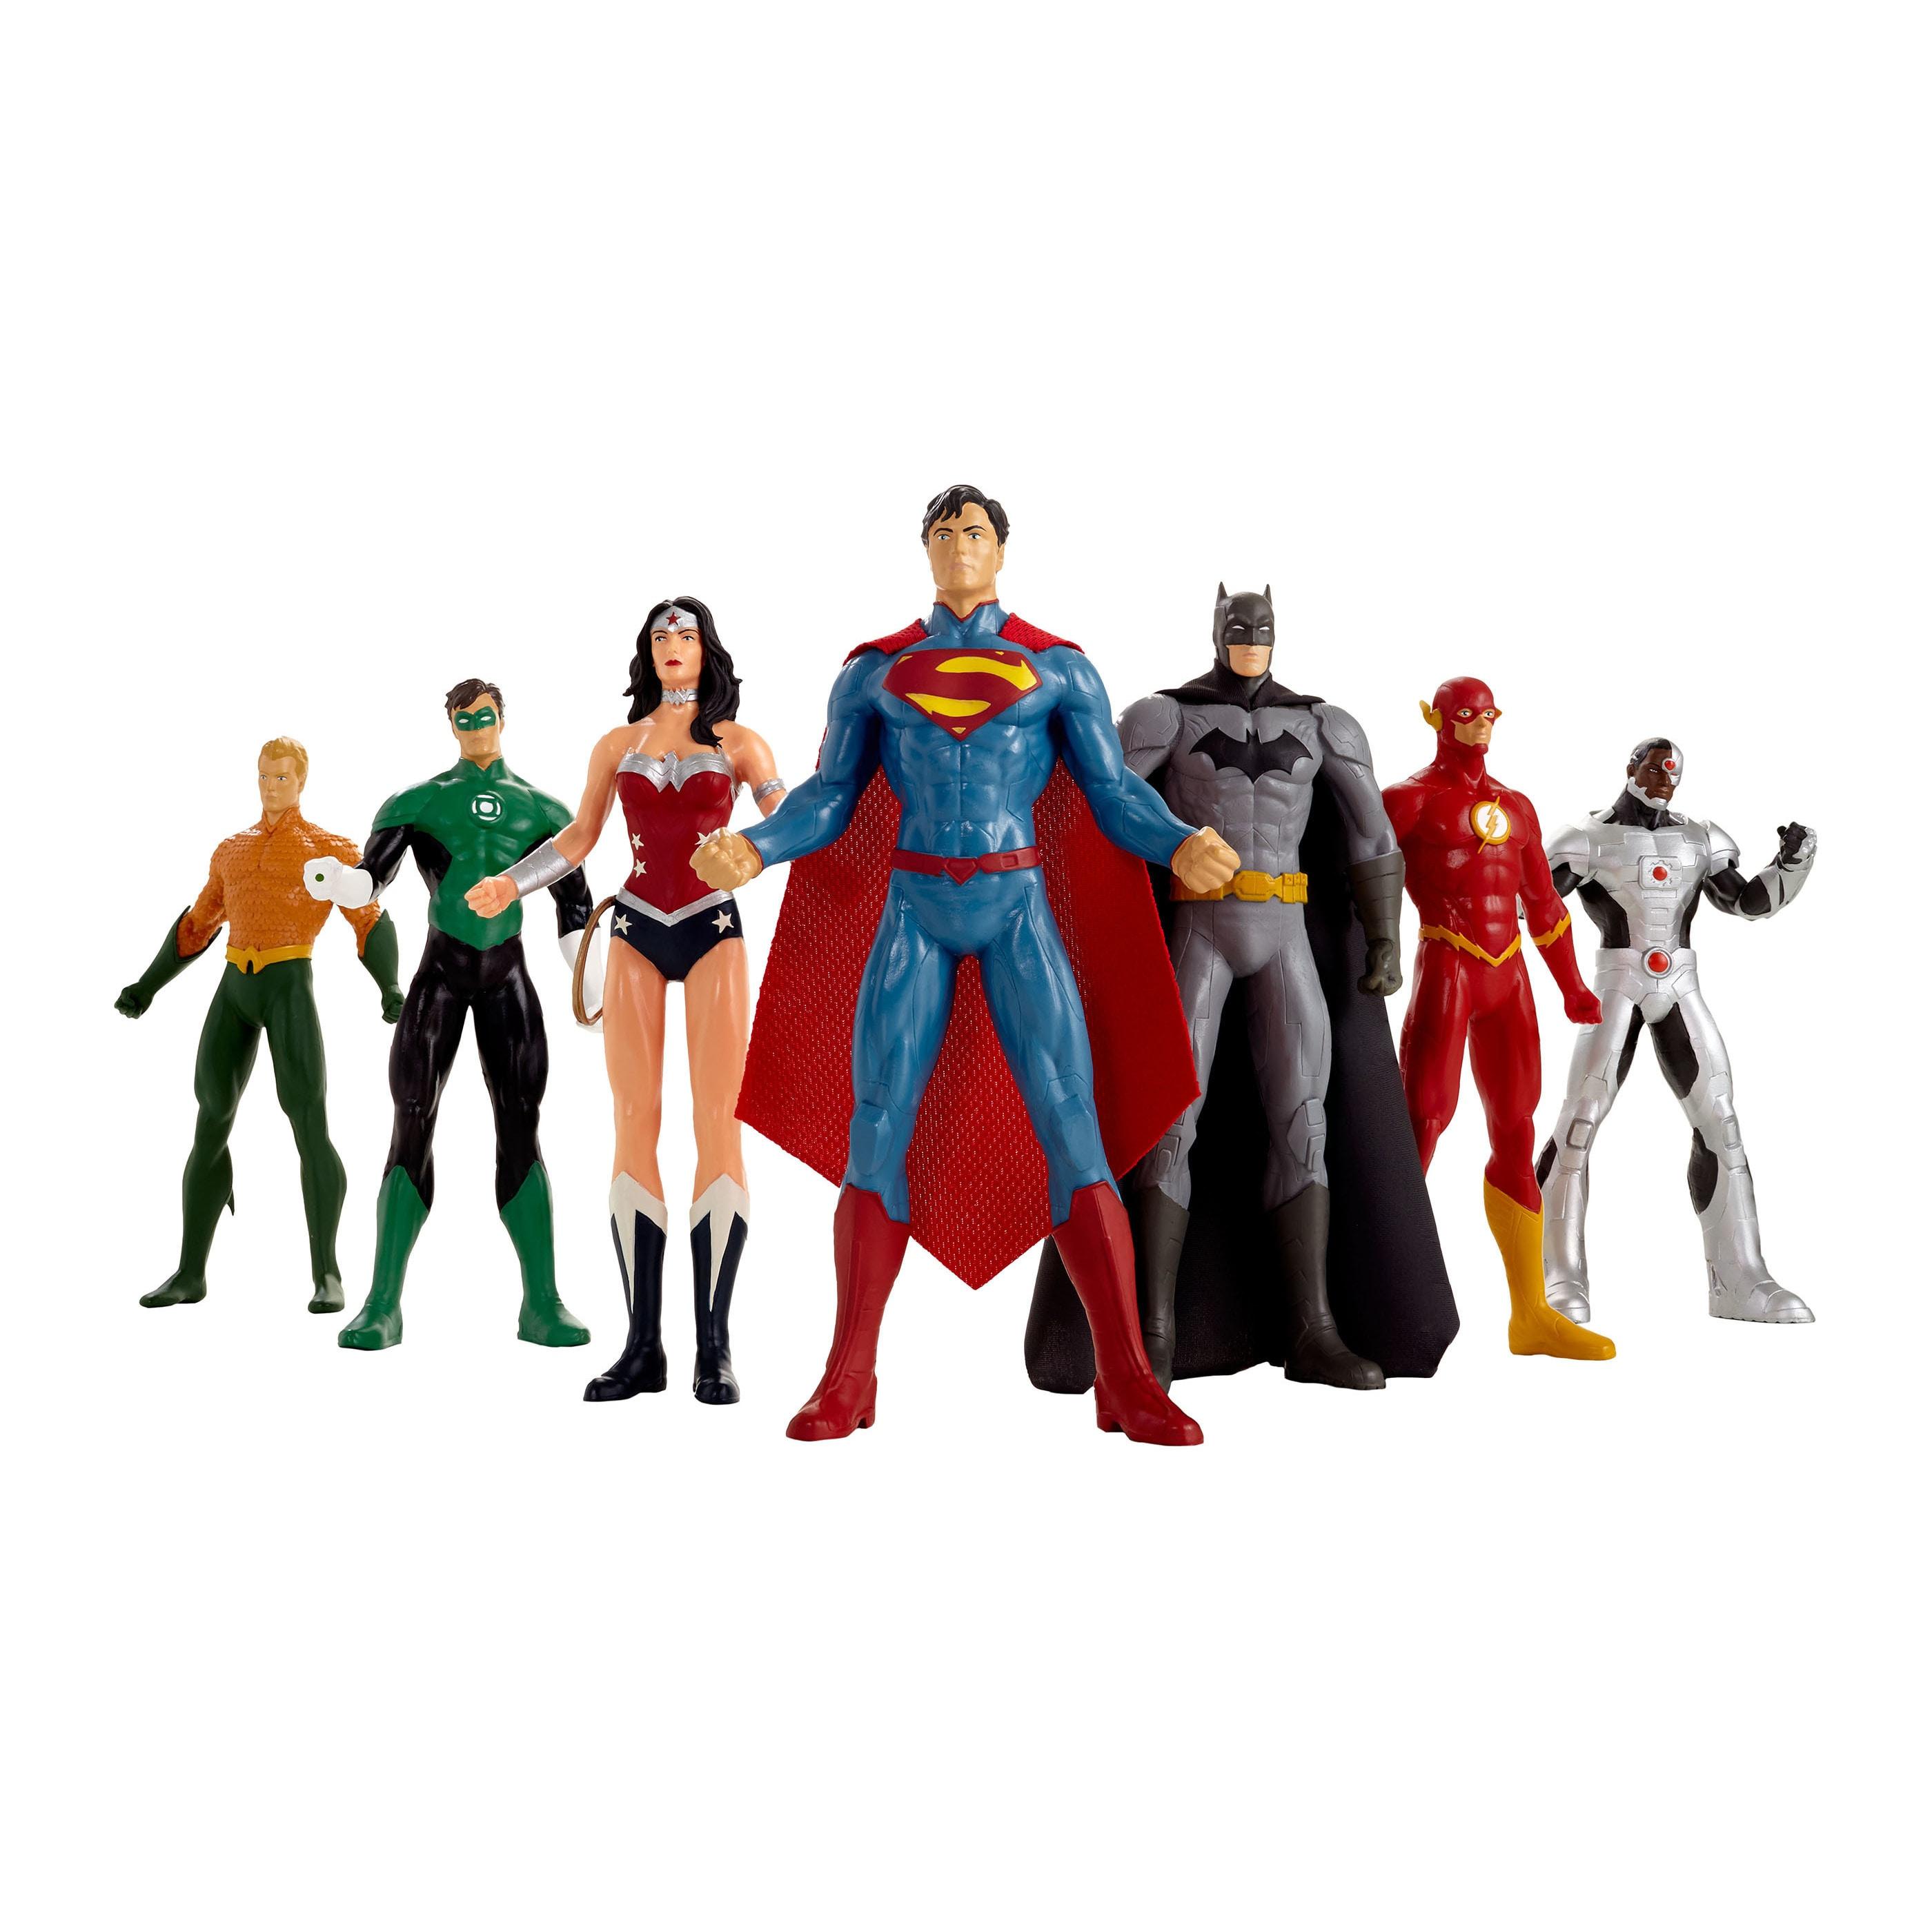 dae0528bbe50 Shop DC Comics - Justice Leauge 8